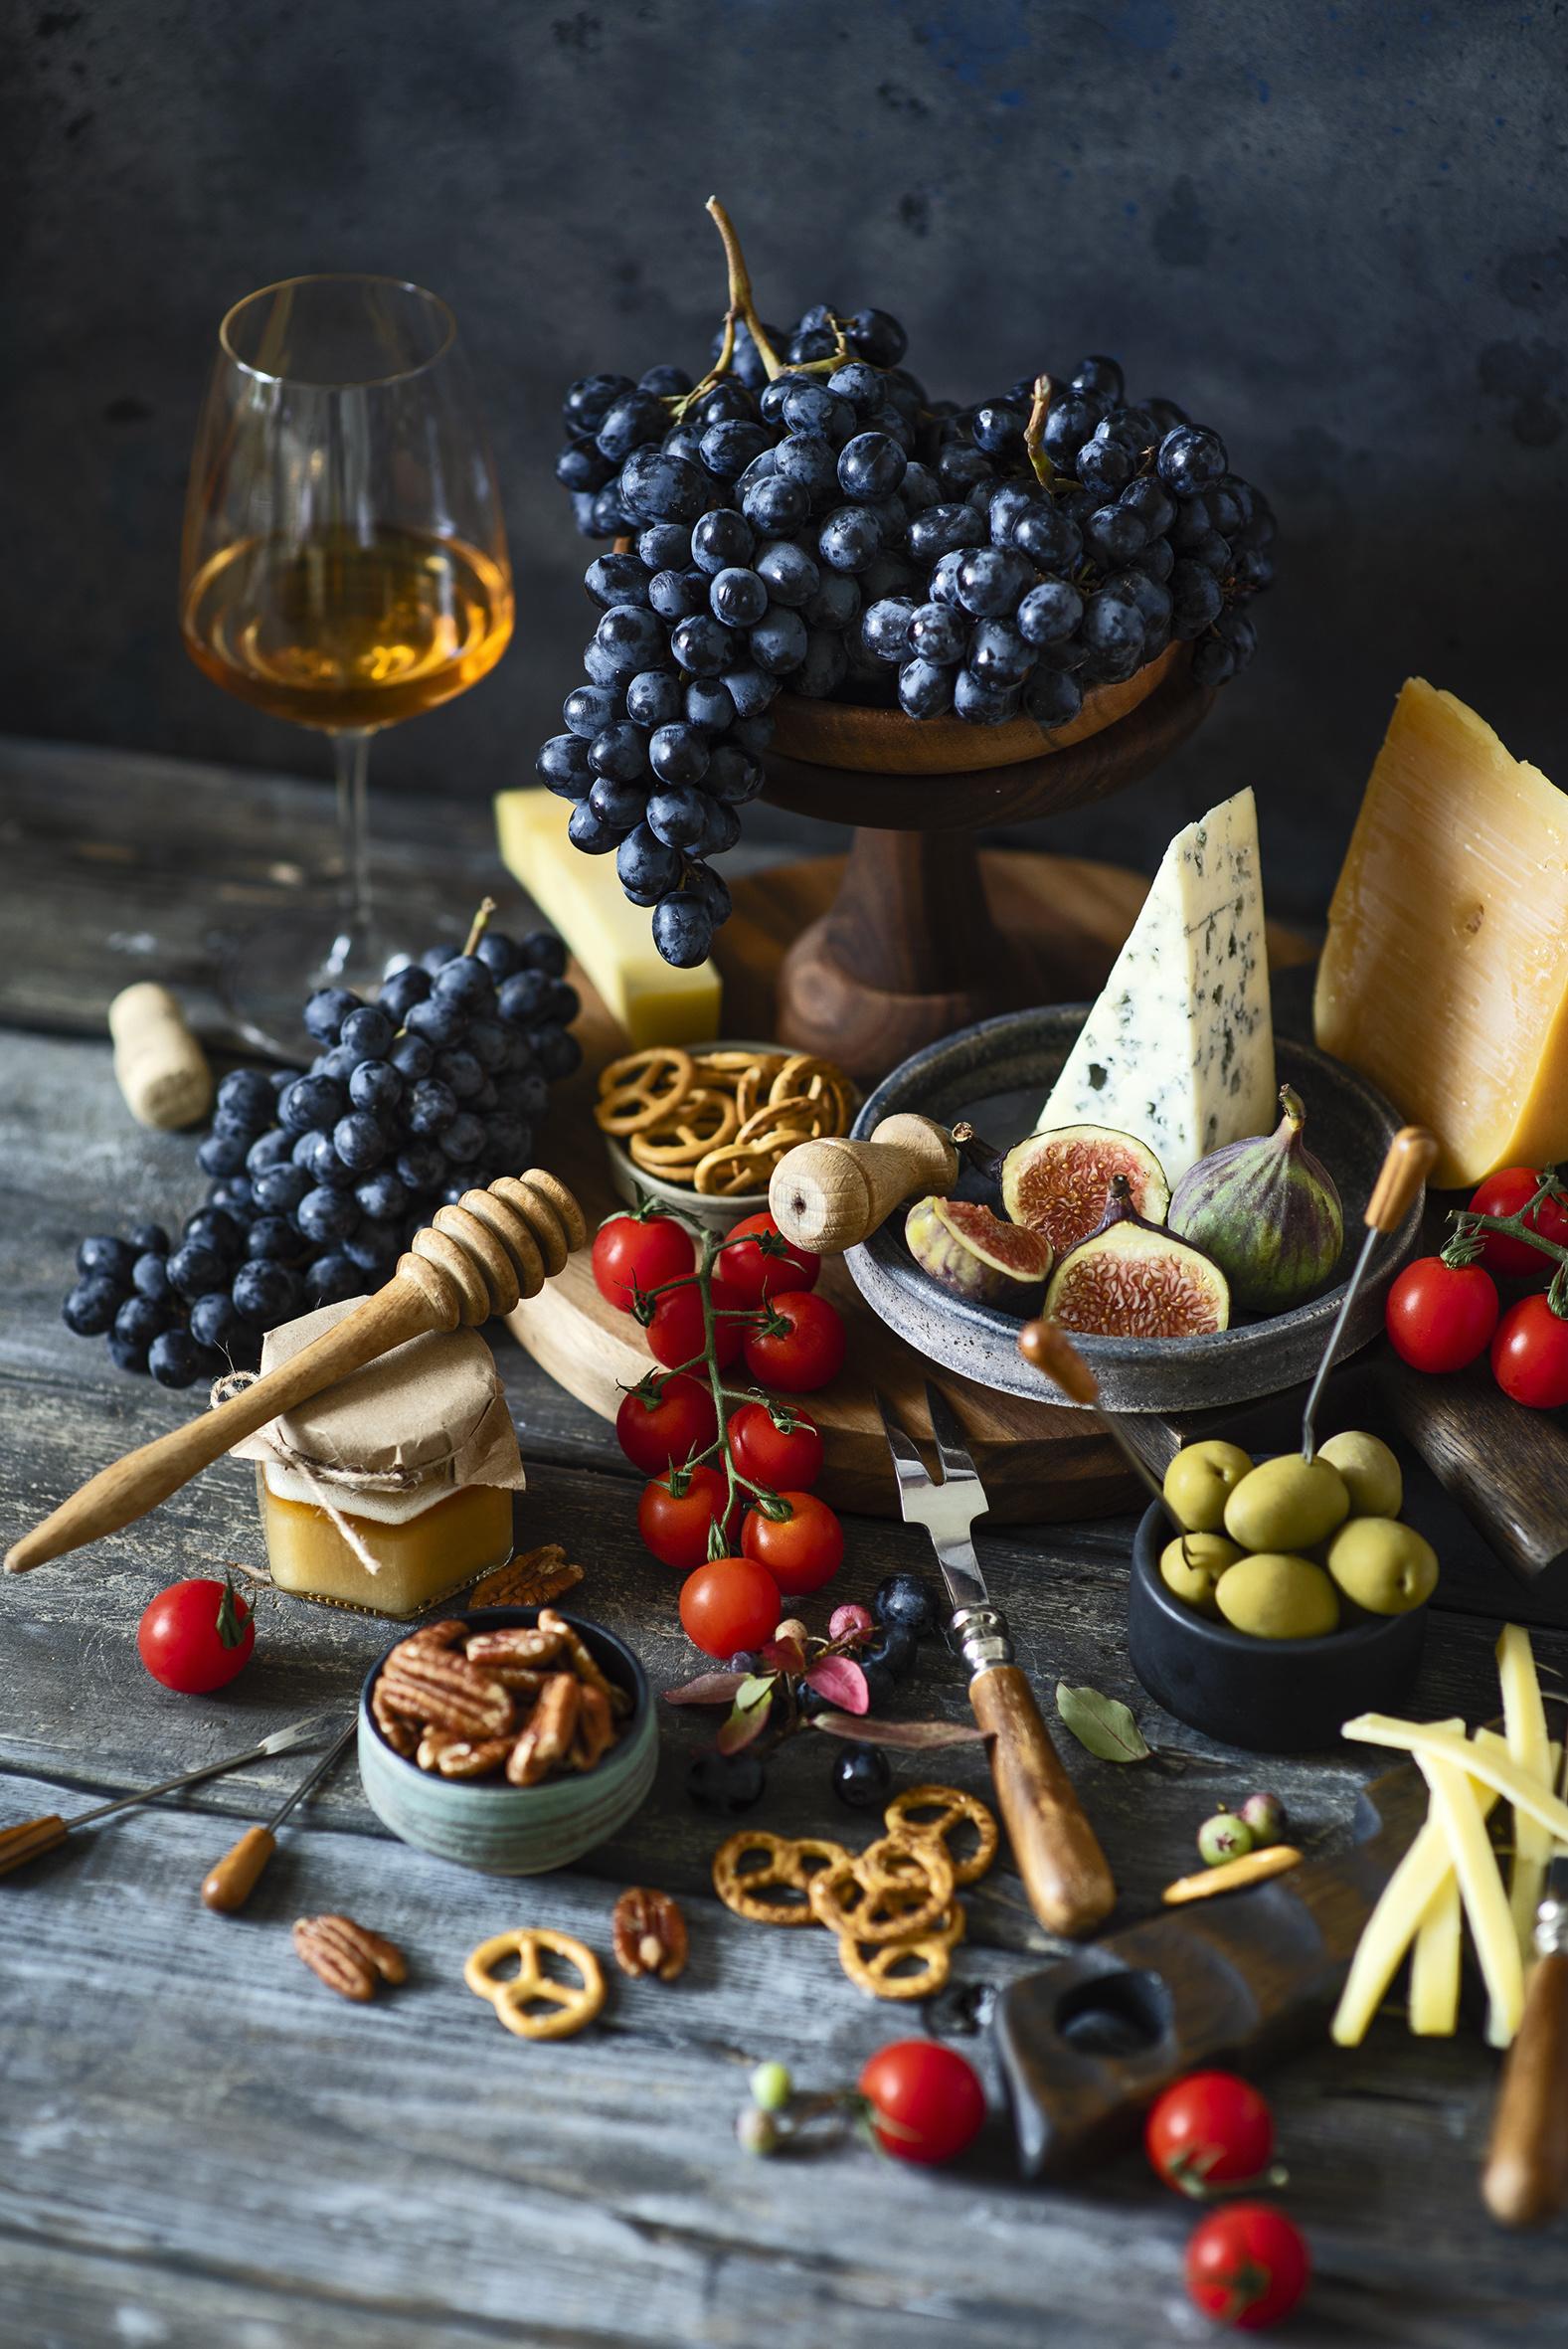 Bilder Wein Oliven Tomaten Echte Feige Käse Weckglas Weintraube Weinglas das Essen Backware Stillleben Schalenobst Bretter  für Handy Tomate Trauben Einweckglas Lebensmittel Nussfrüchte